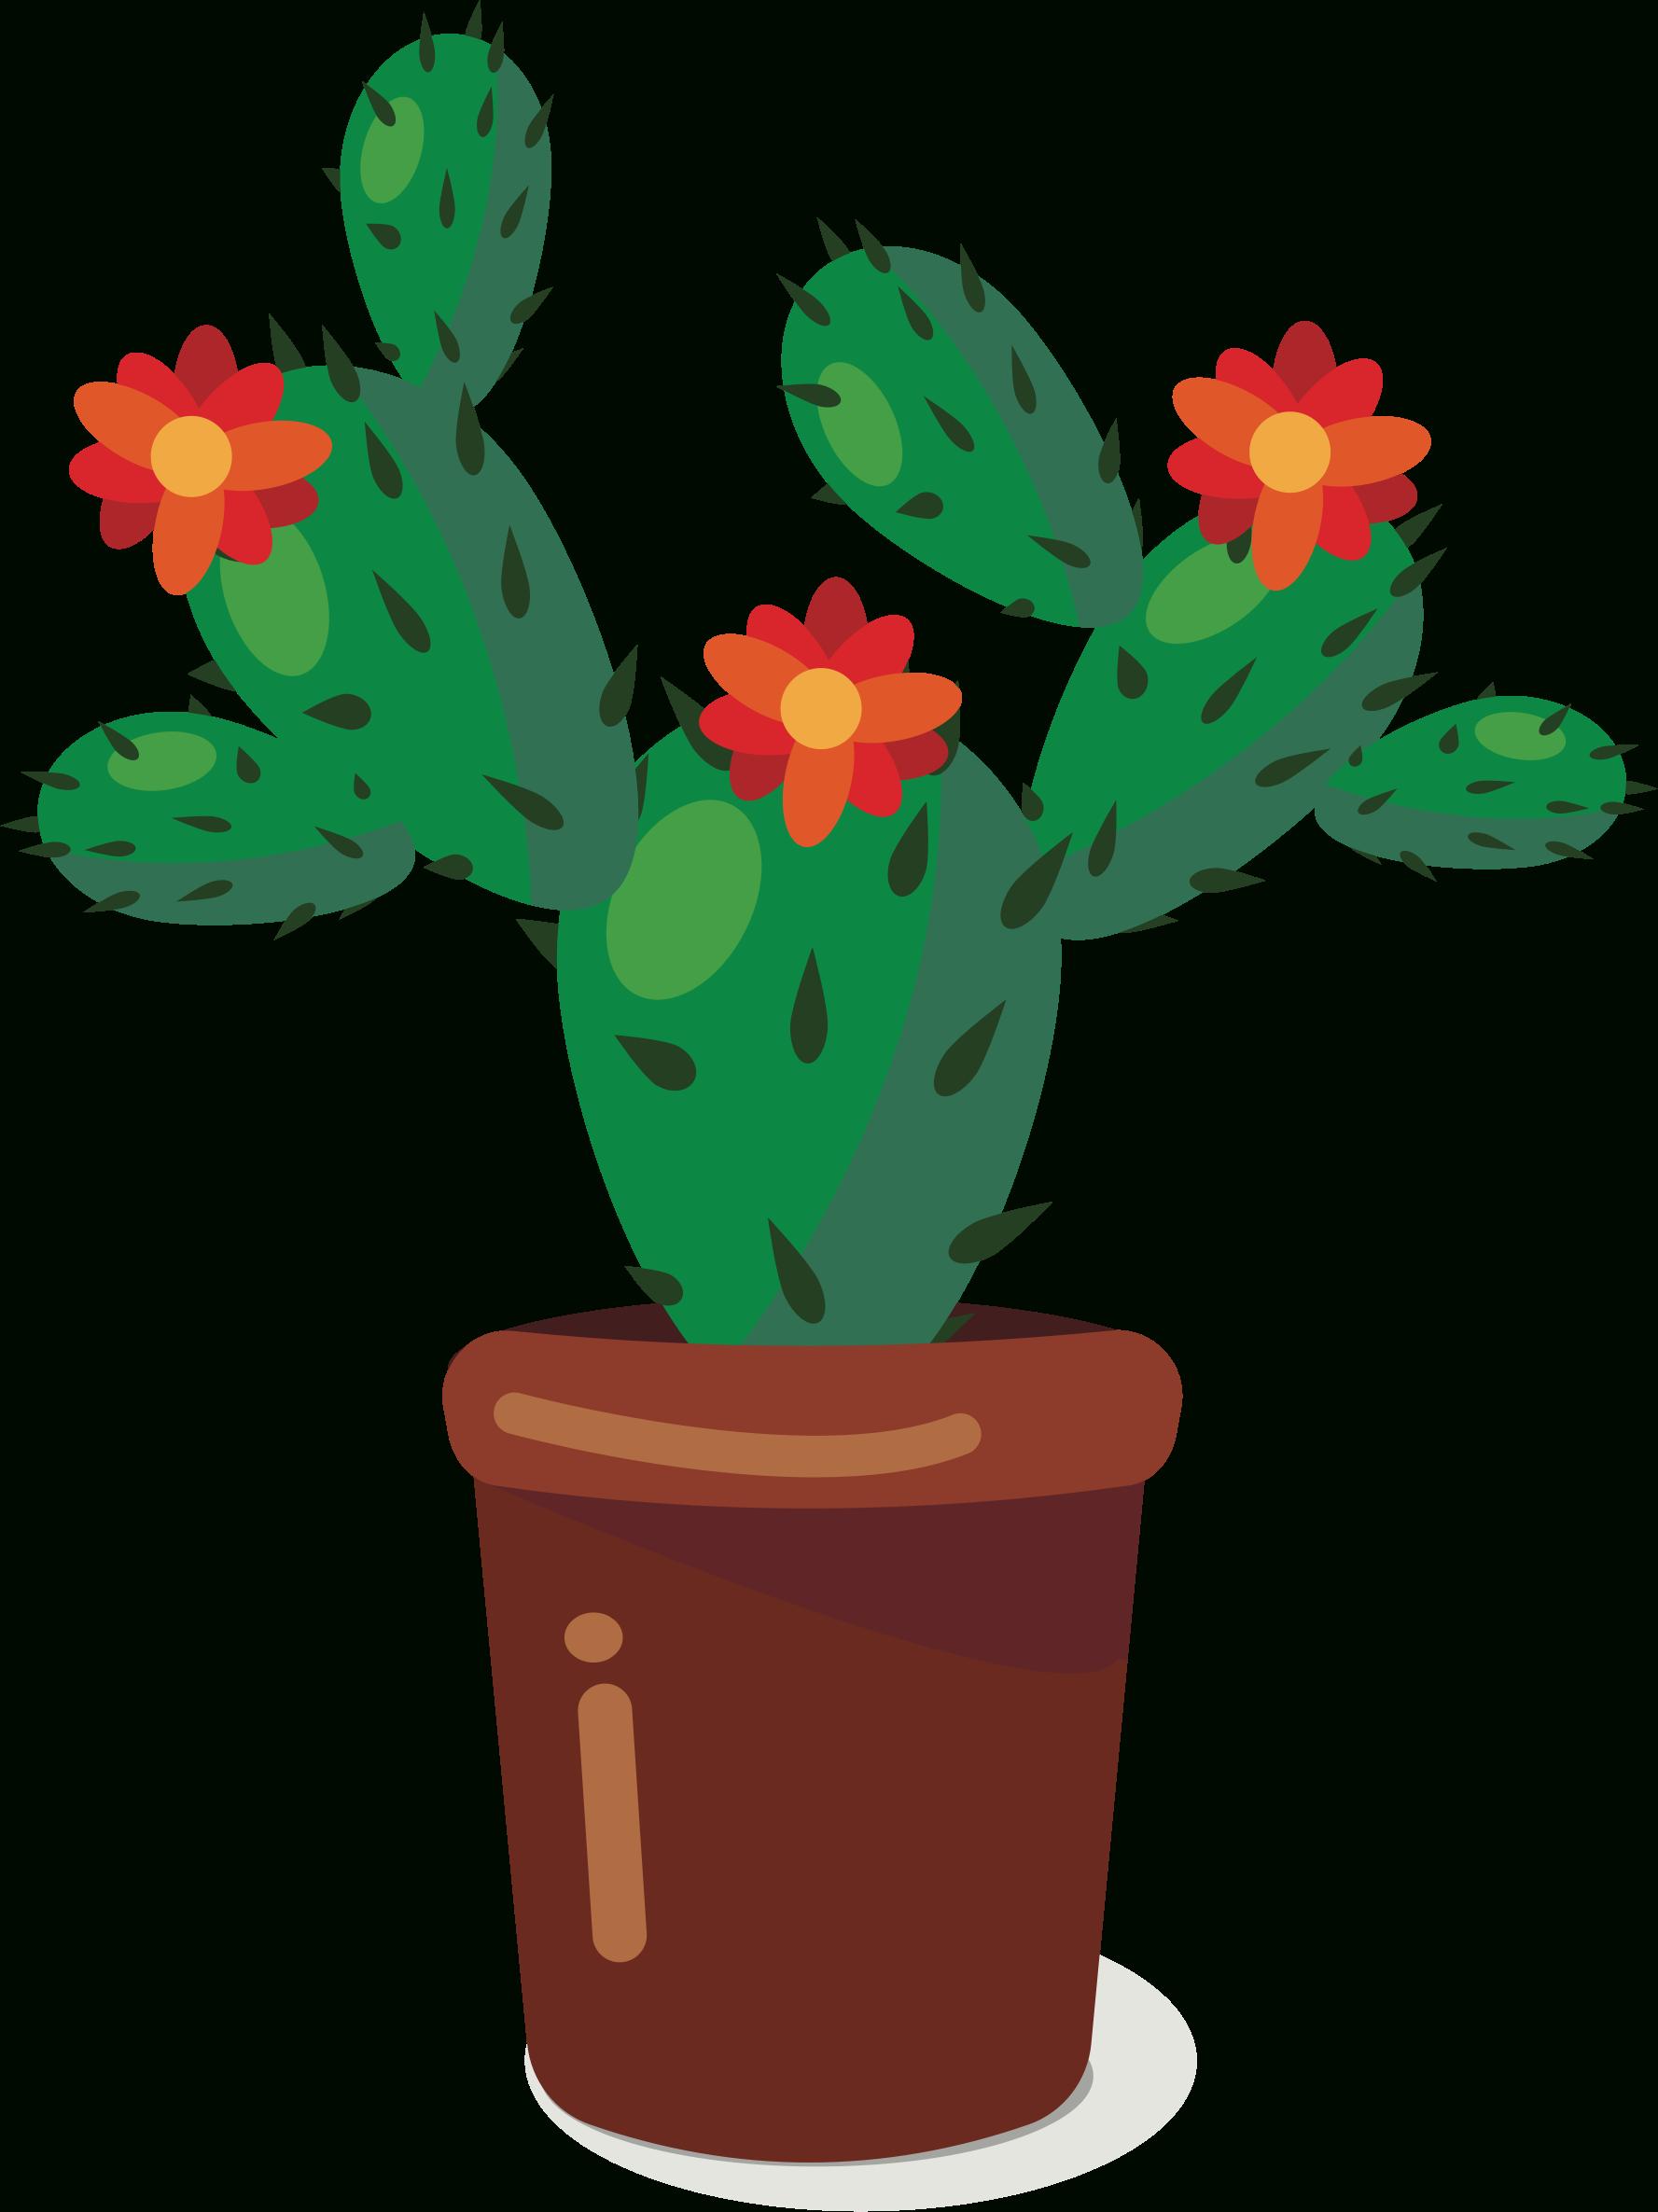 Plant image clipart graphic transparent download Cute Cactus Clipart   Plants Clipart   Cactus clipart ... graphic transparent download